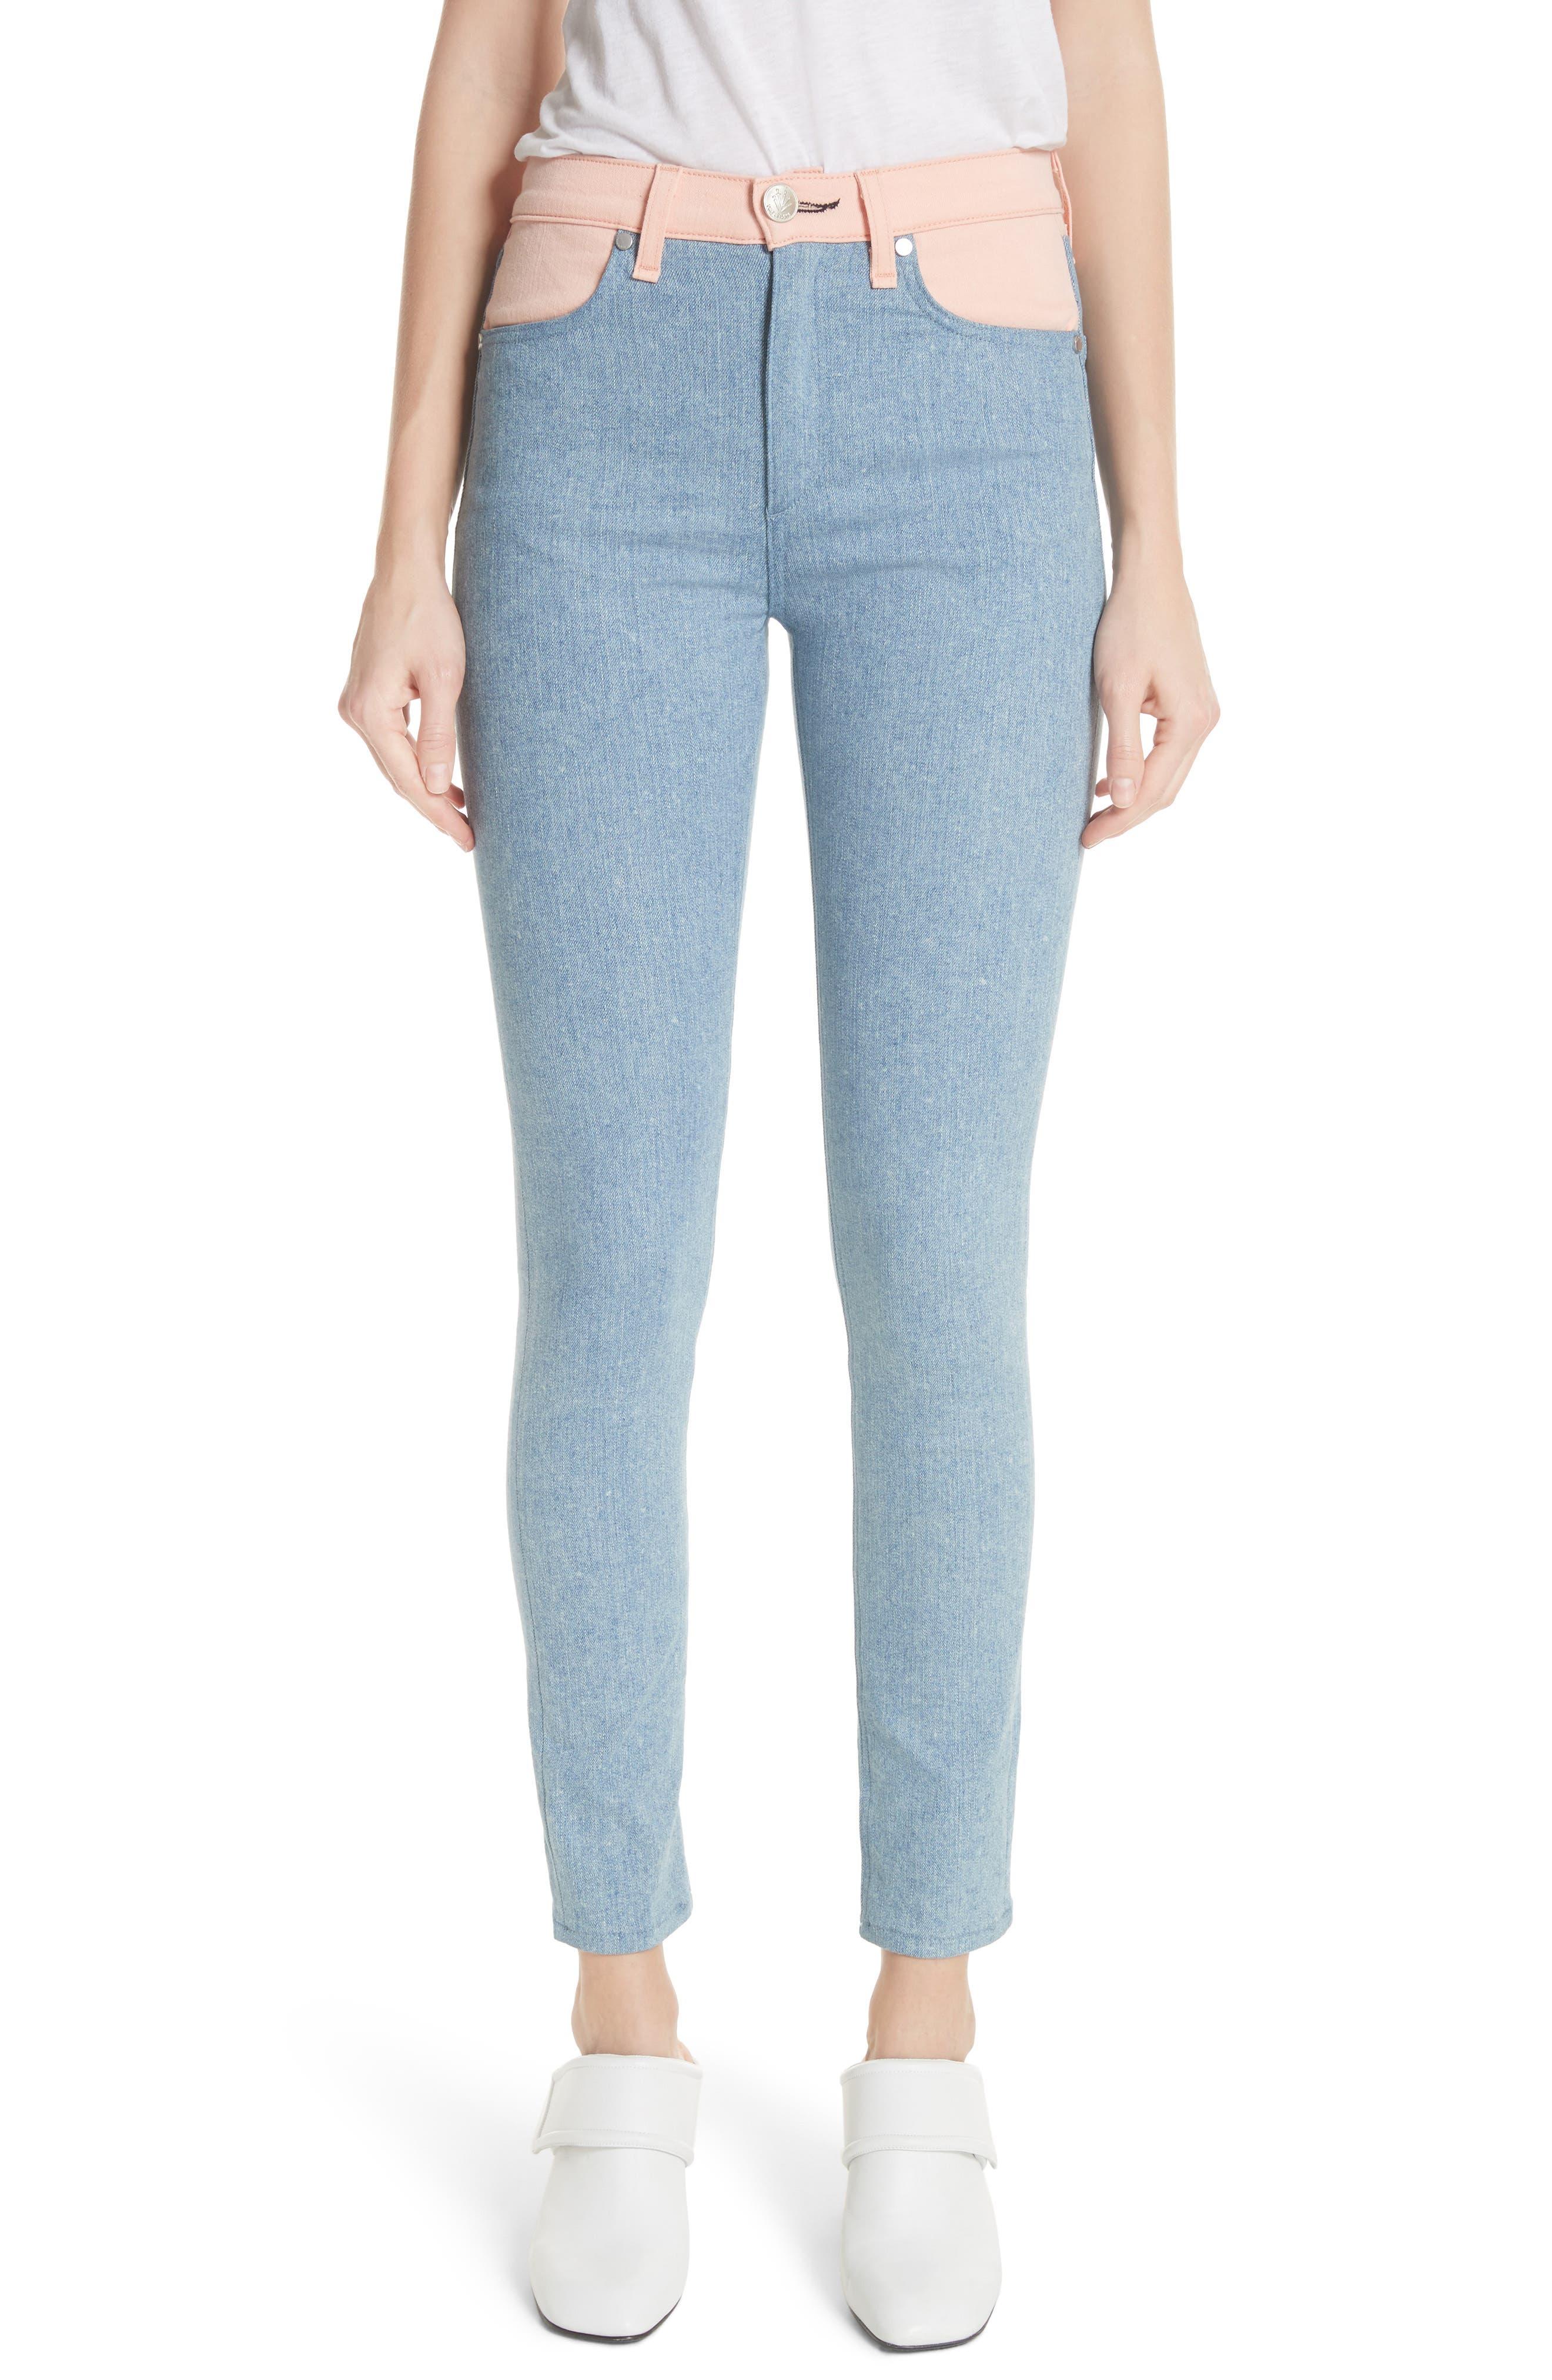 Phila Skinny Jeans,                             Main thumbnail 1, color,                             450